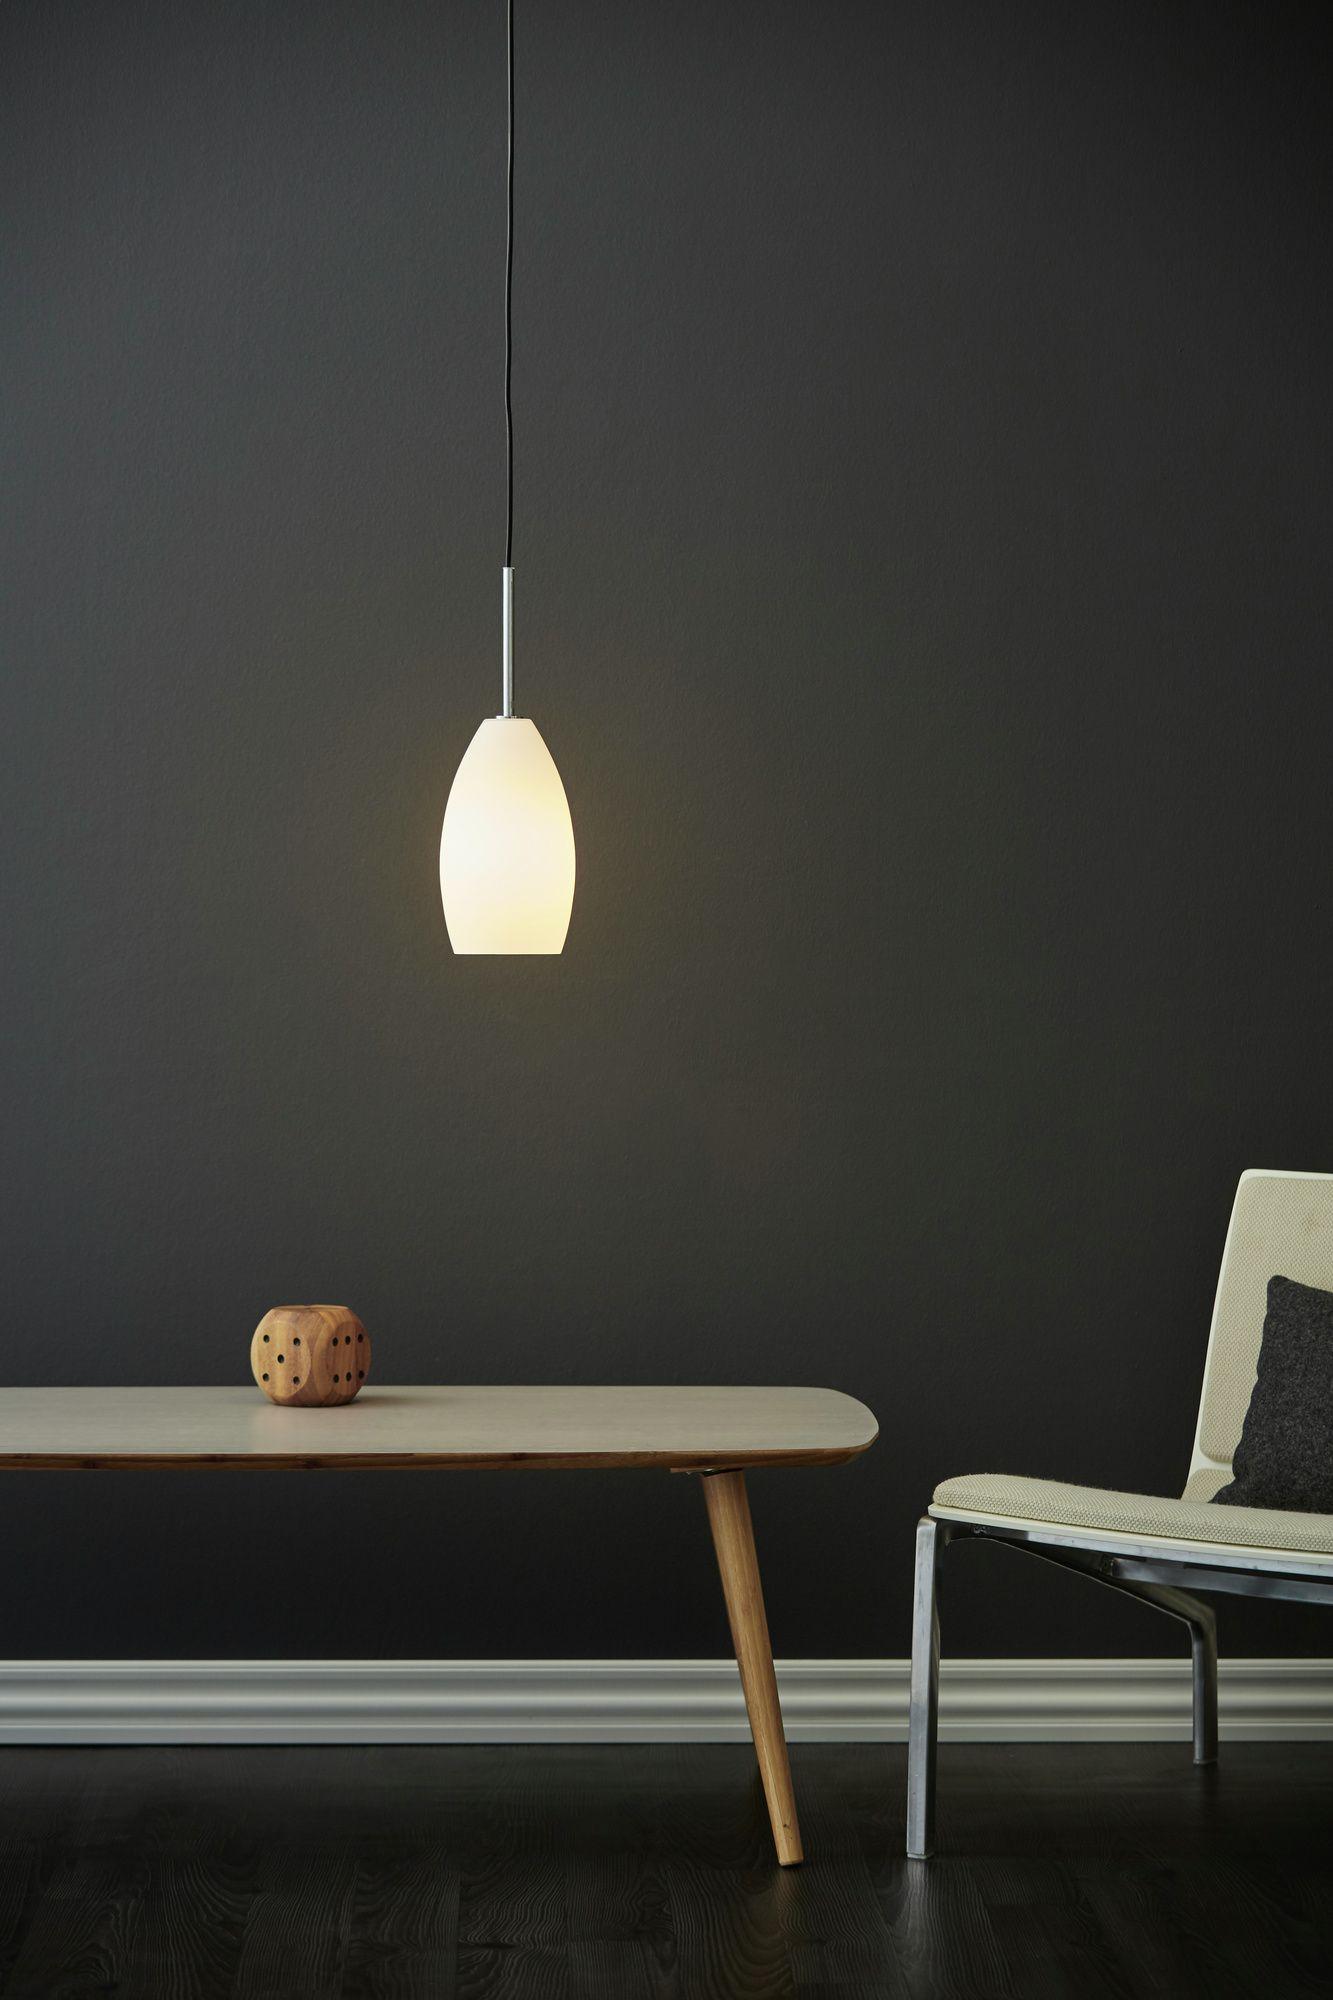 Erstklassig verarbeitete und elegante Pendelleuchte mit mattem Glasschirm, bezaubert mit einem schlanken Design // Preis 59,95€ // www.home-of-light.com